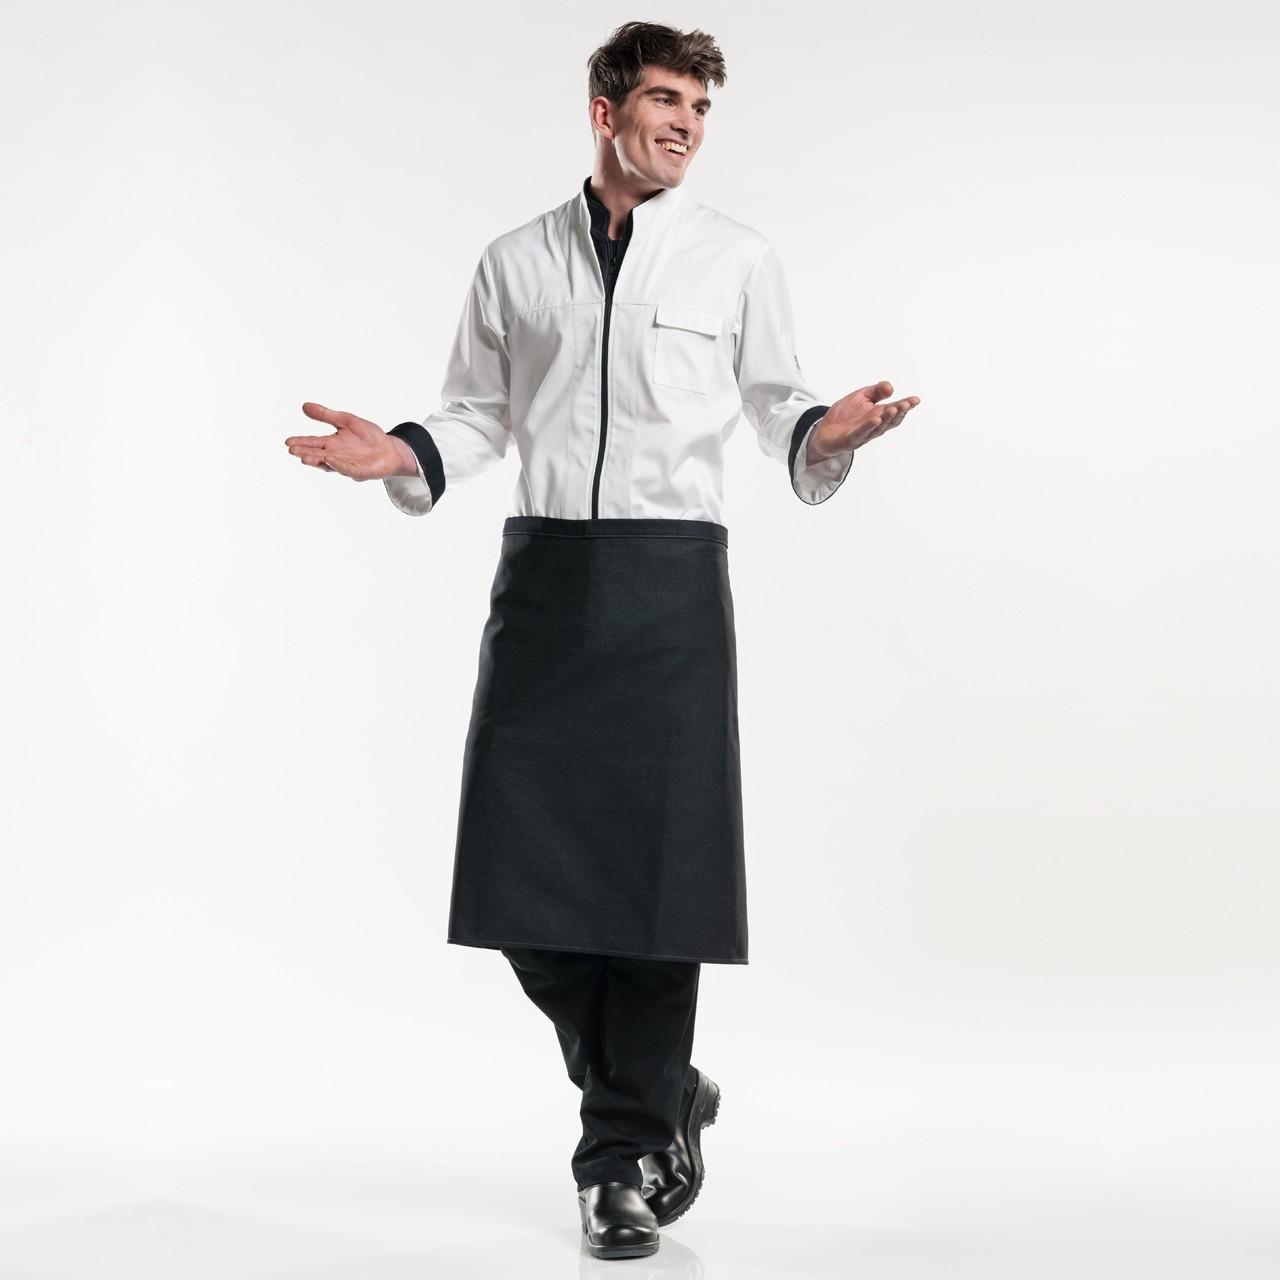 Jeans Kellnerschürze ohne Tasche Chaud Devant® | bedrucken, besticken, bedrucken lassen, besticken lassen, mit Logo |